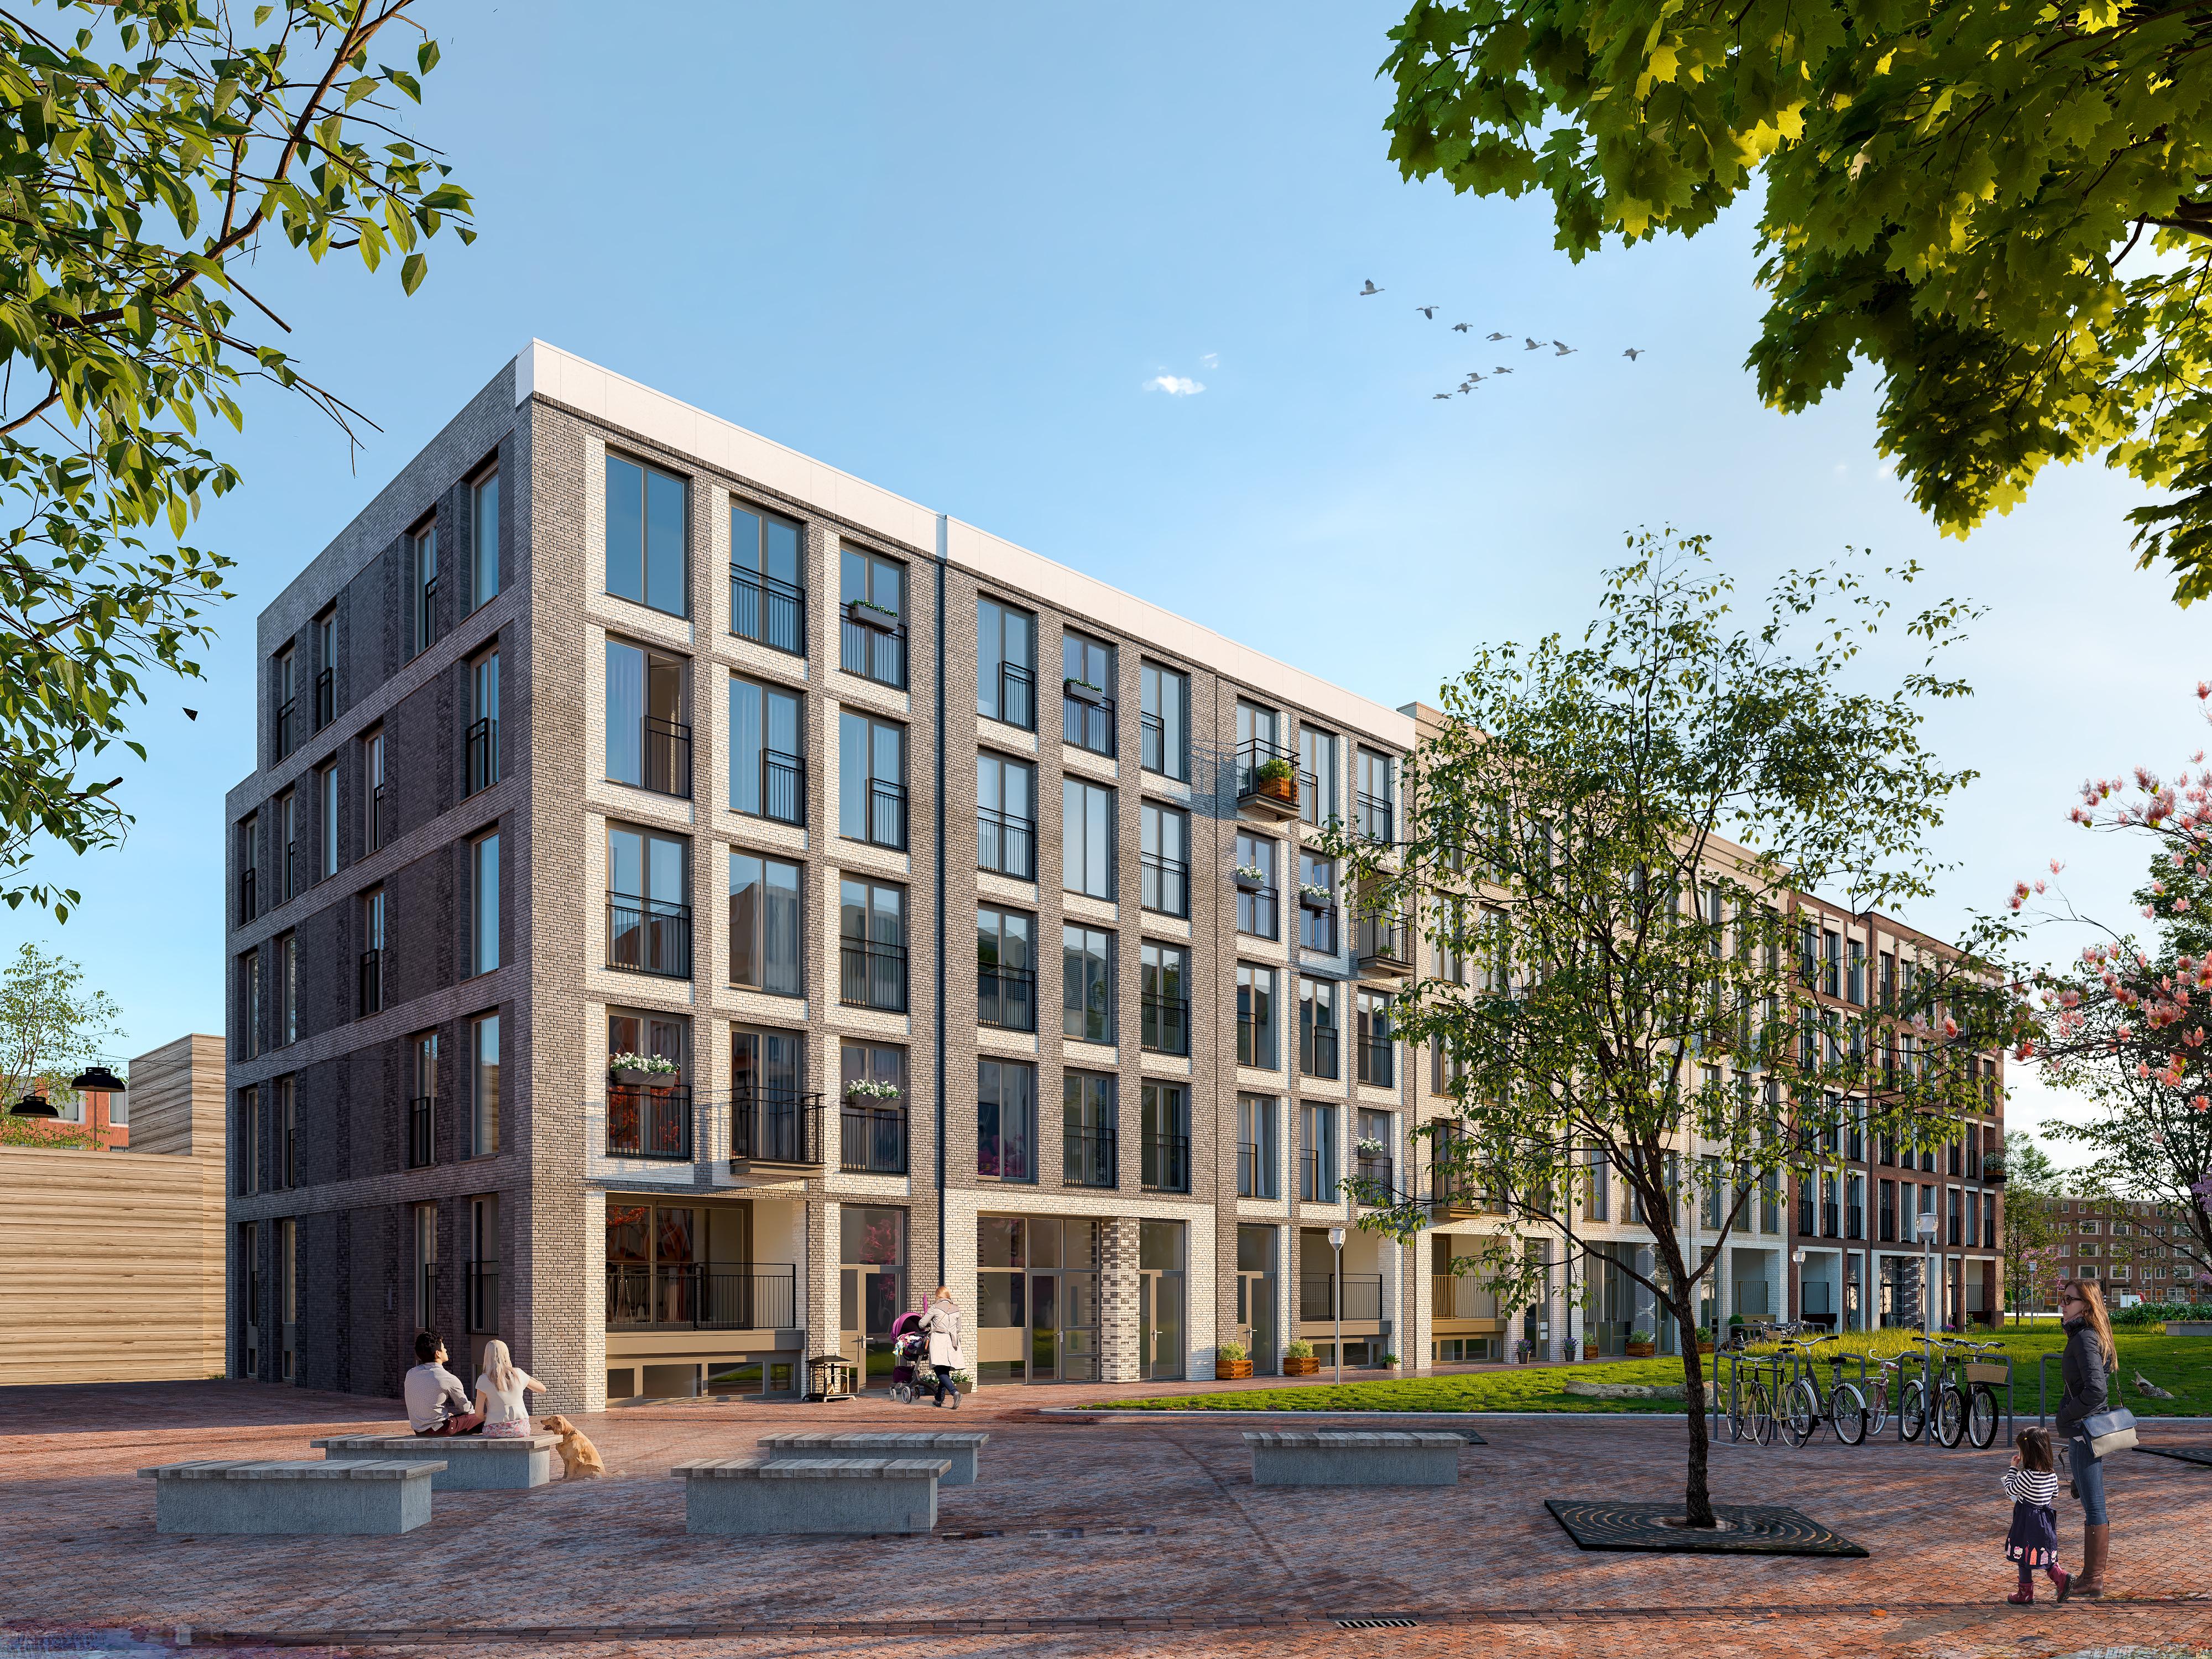 Lunshof makelaars Amstelveen en Amsterdam - Memeleiland 7  Amsterdam